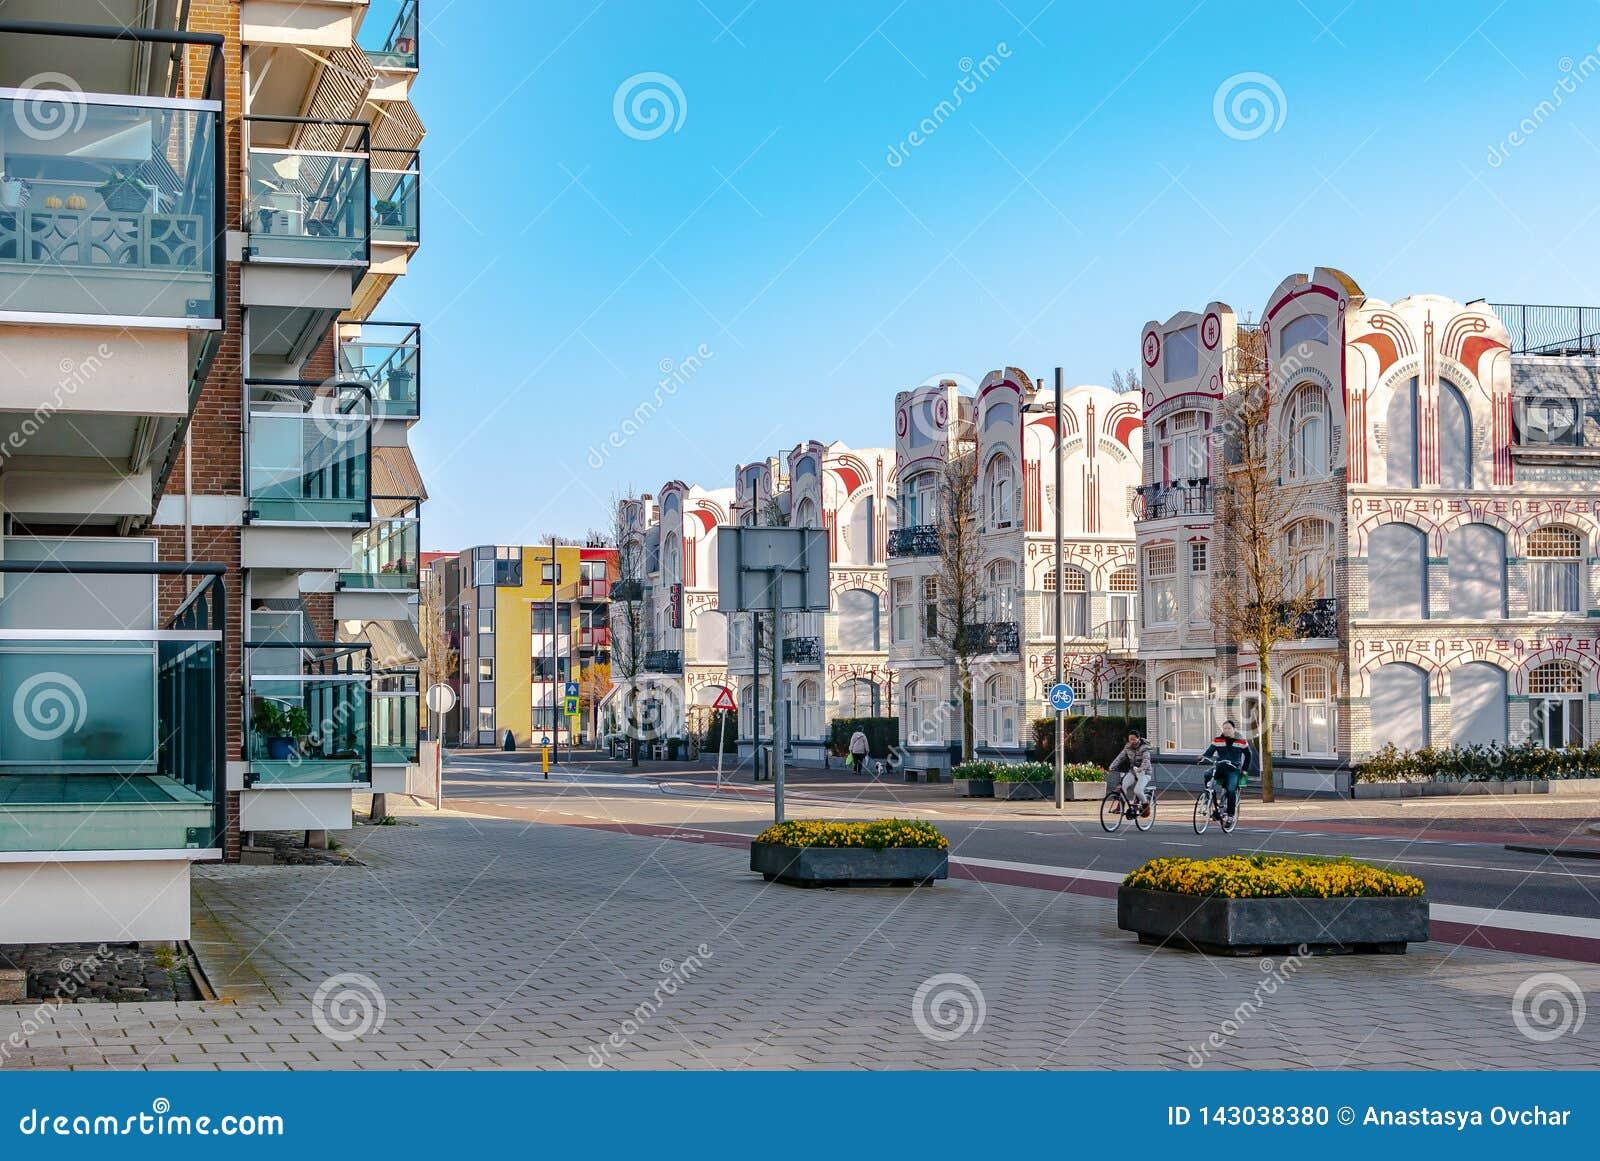 Ein streetview mit modernen Wohnungen auf den linken und historischen Jugendstilhäusern auf rechter Seite Zwei Fahrräder kreuzen